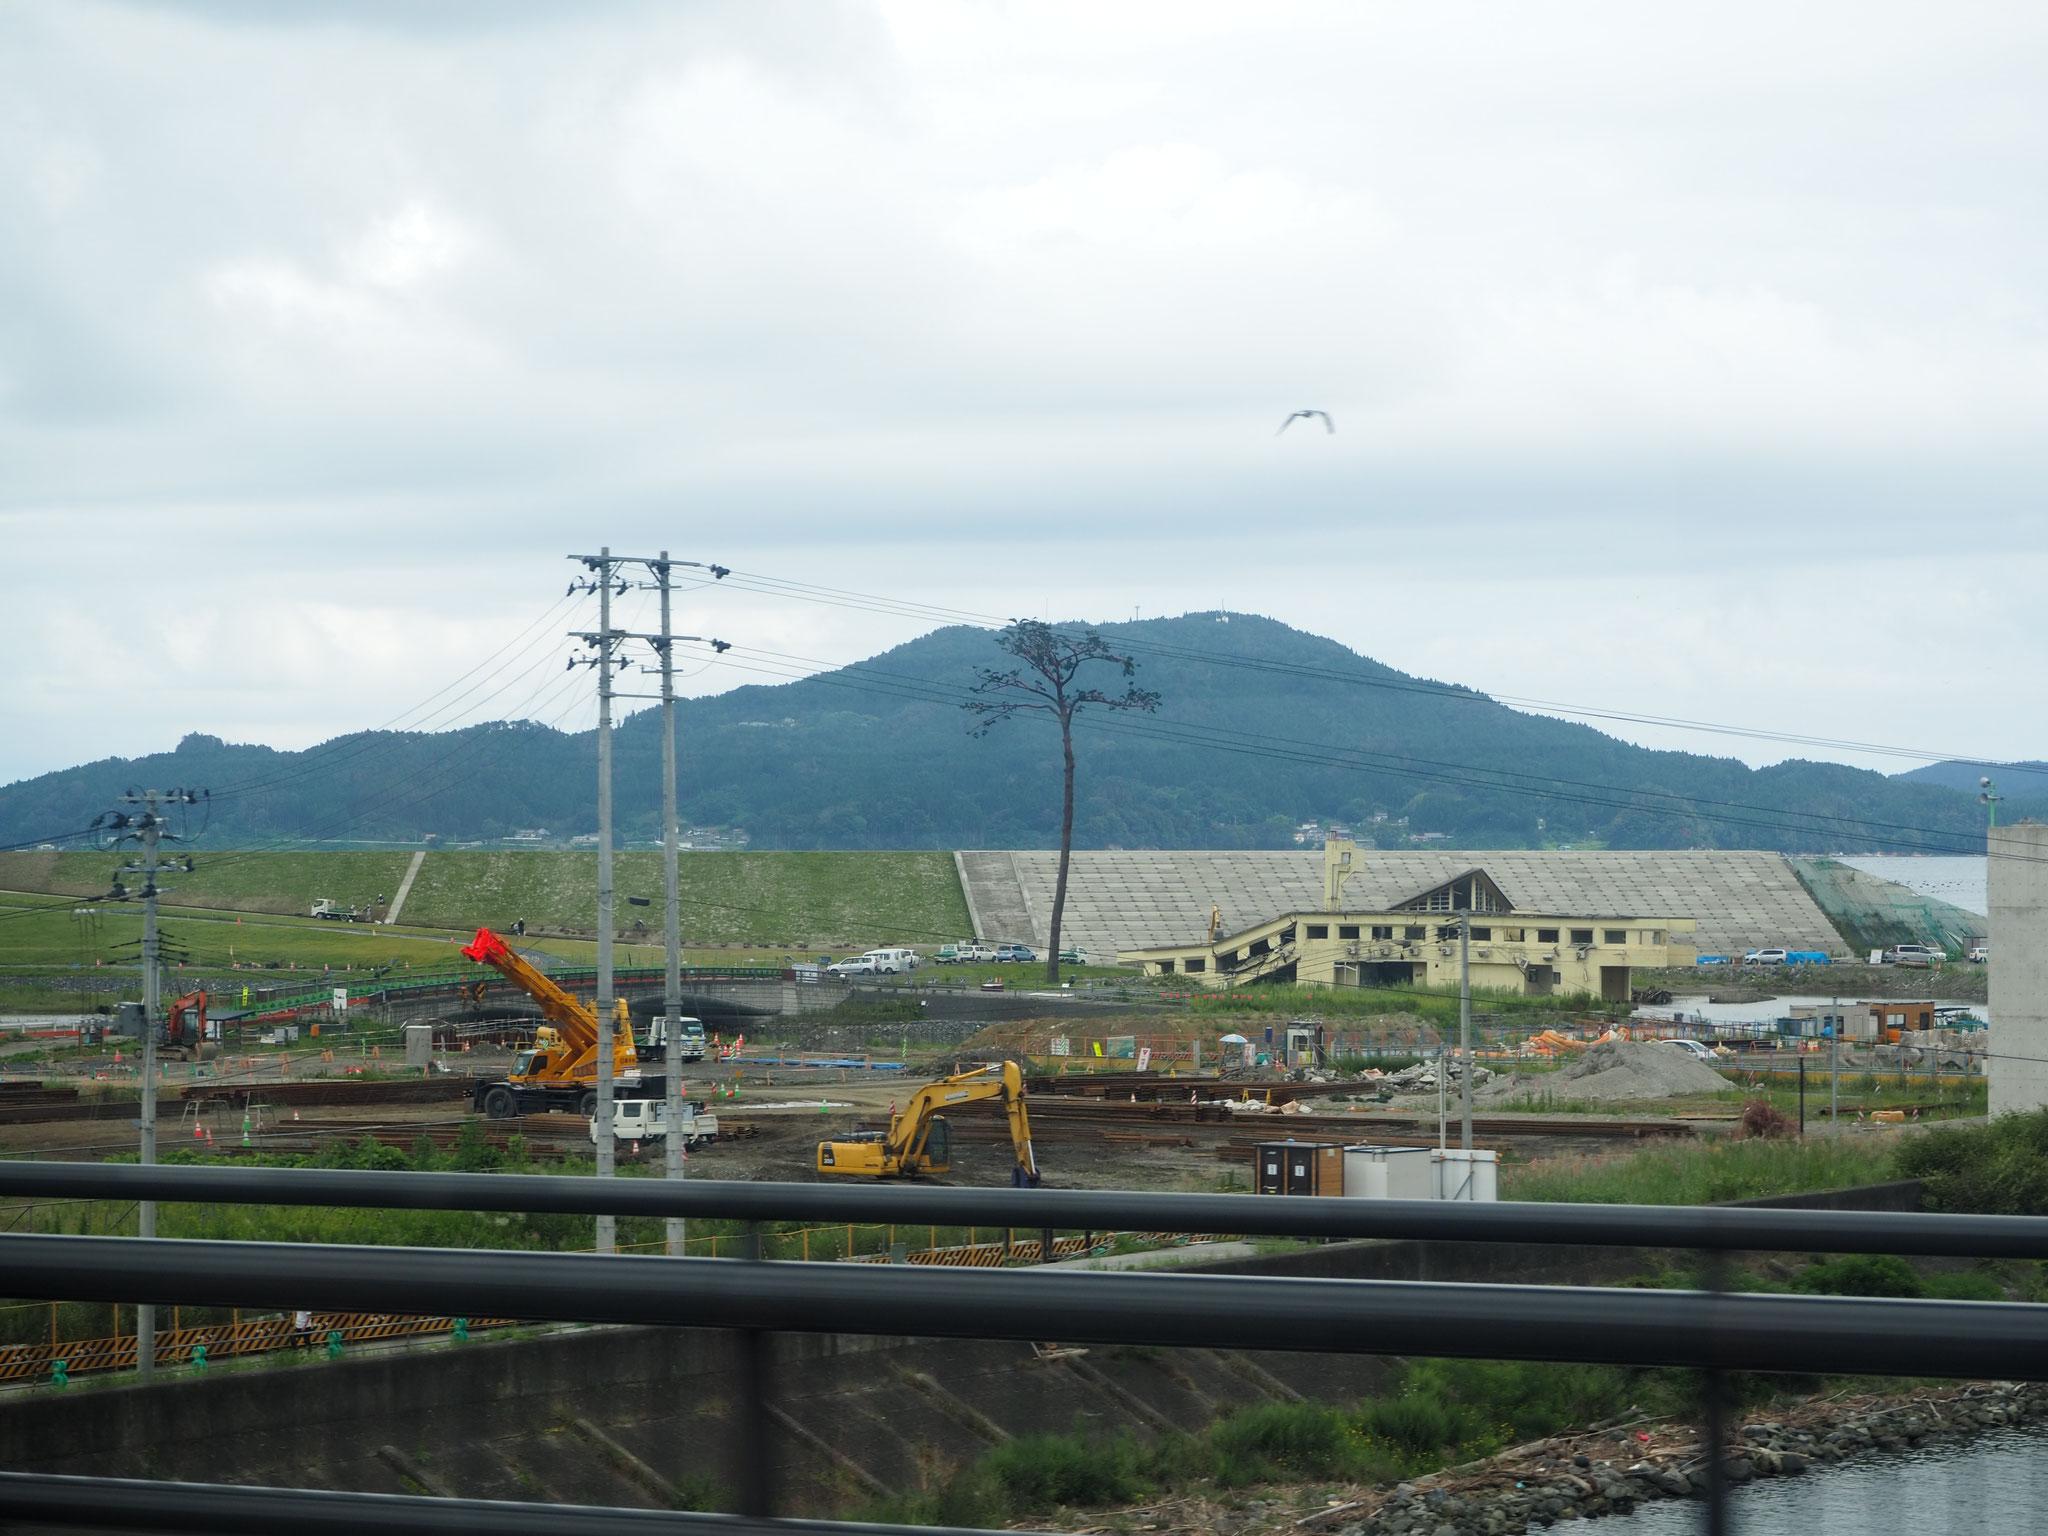 車窓から眺める陸前高田の奇跡の一本松